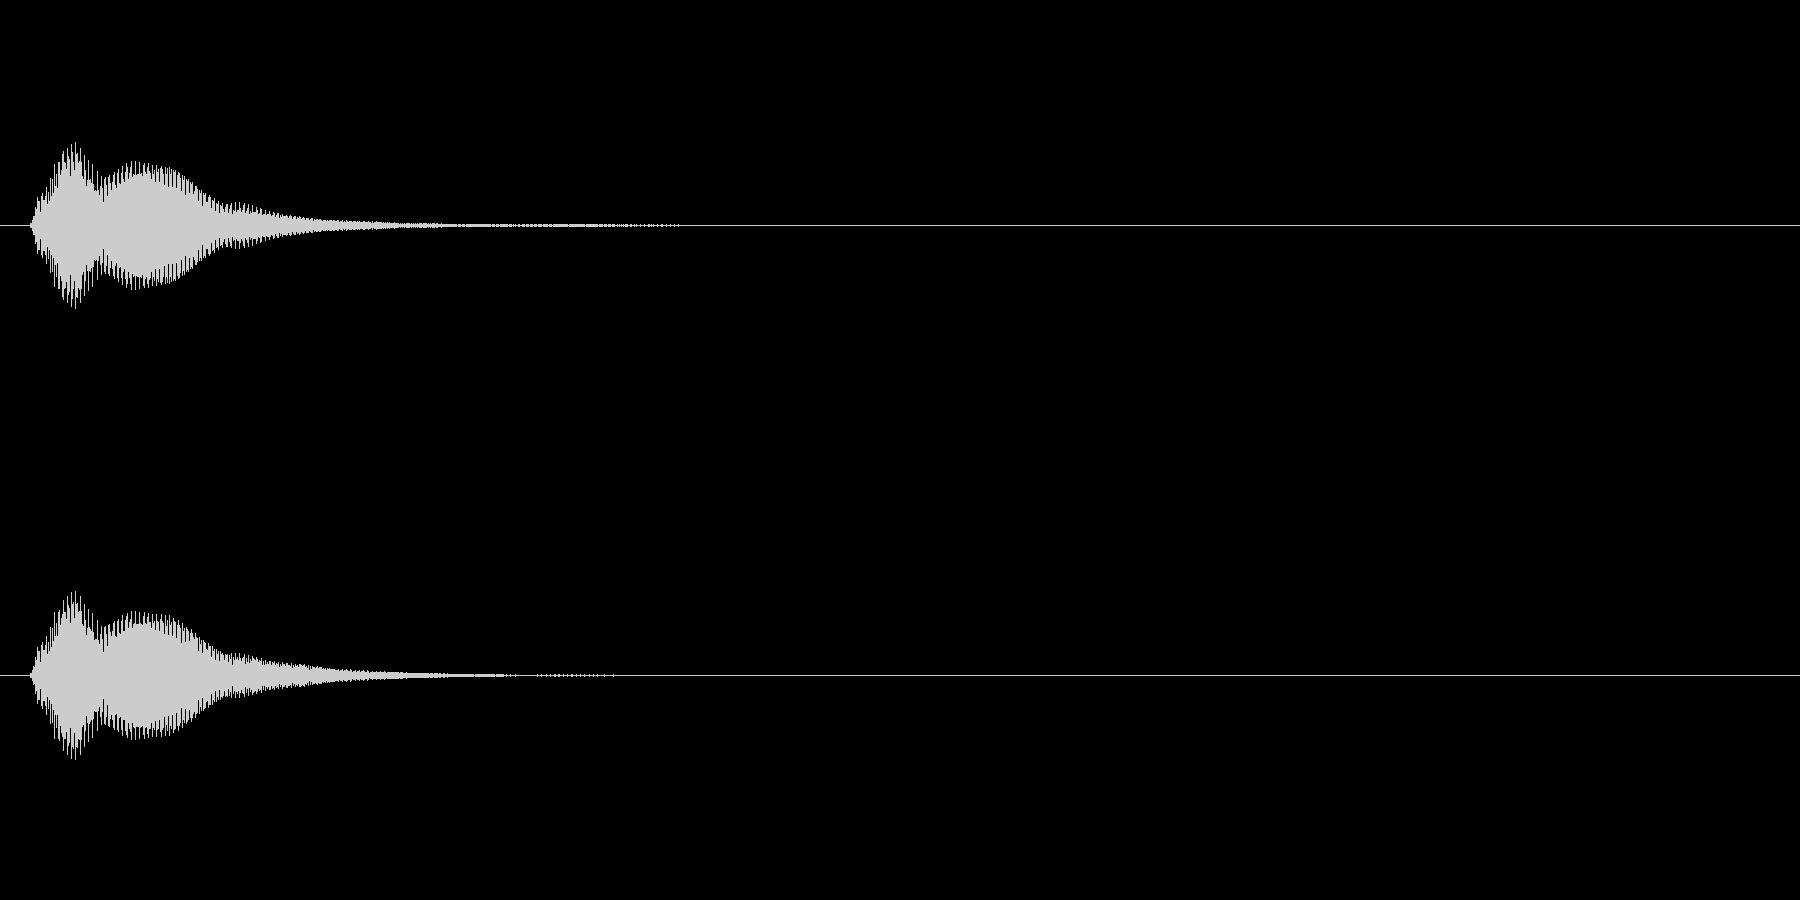 マリンバ風 ボタン音の未再生の波形